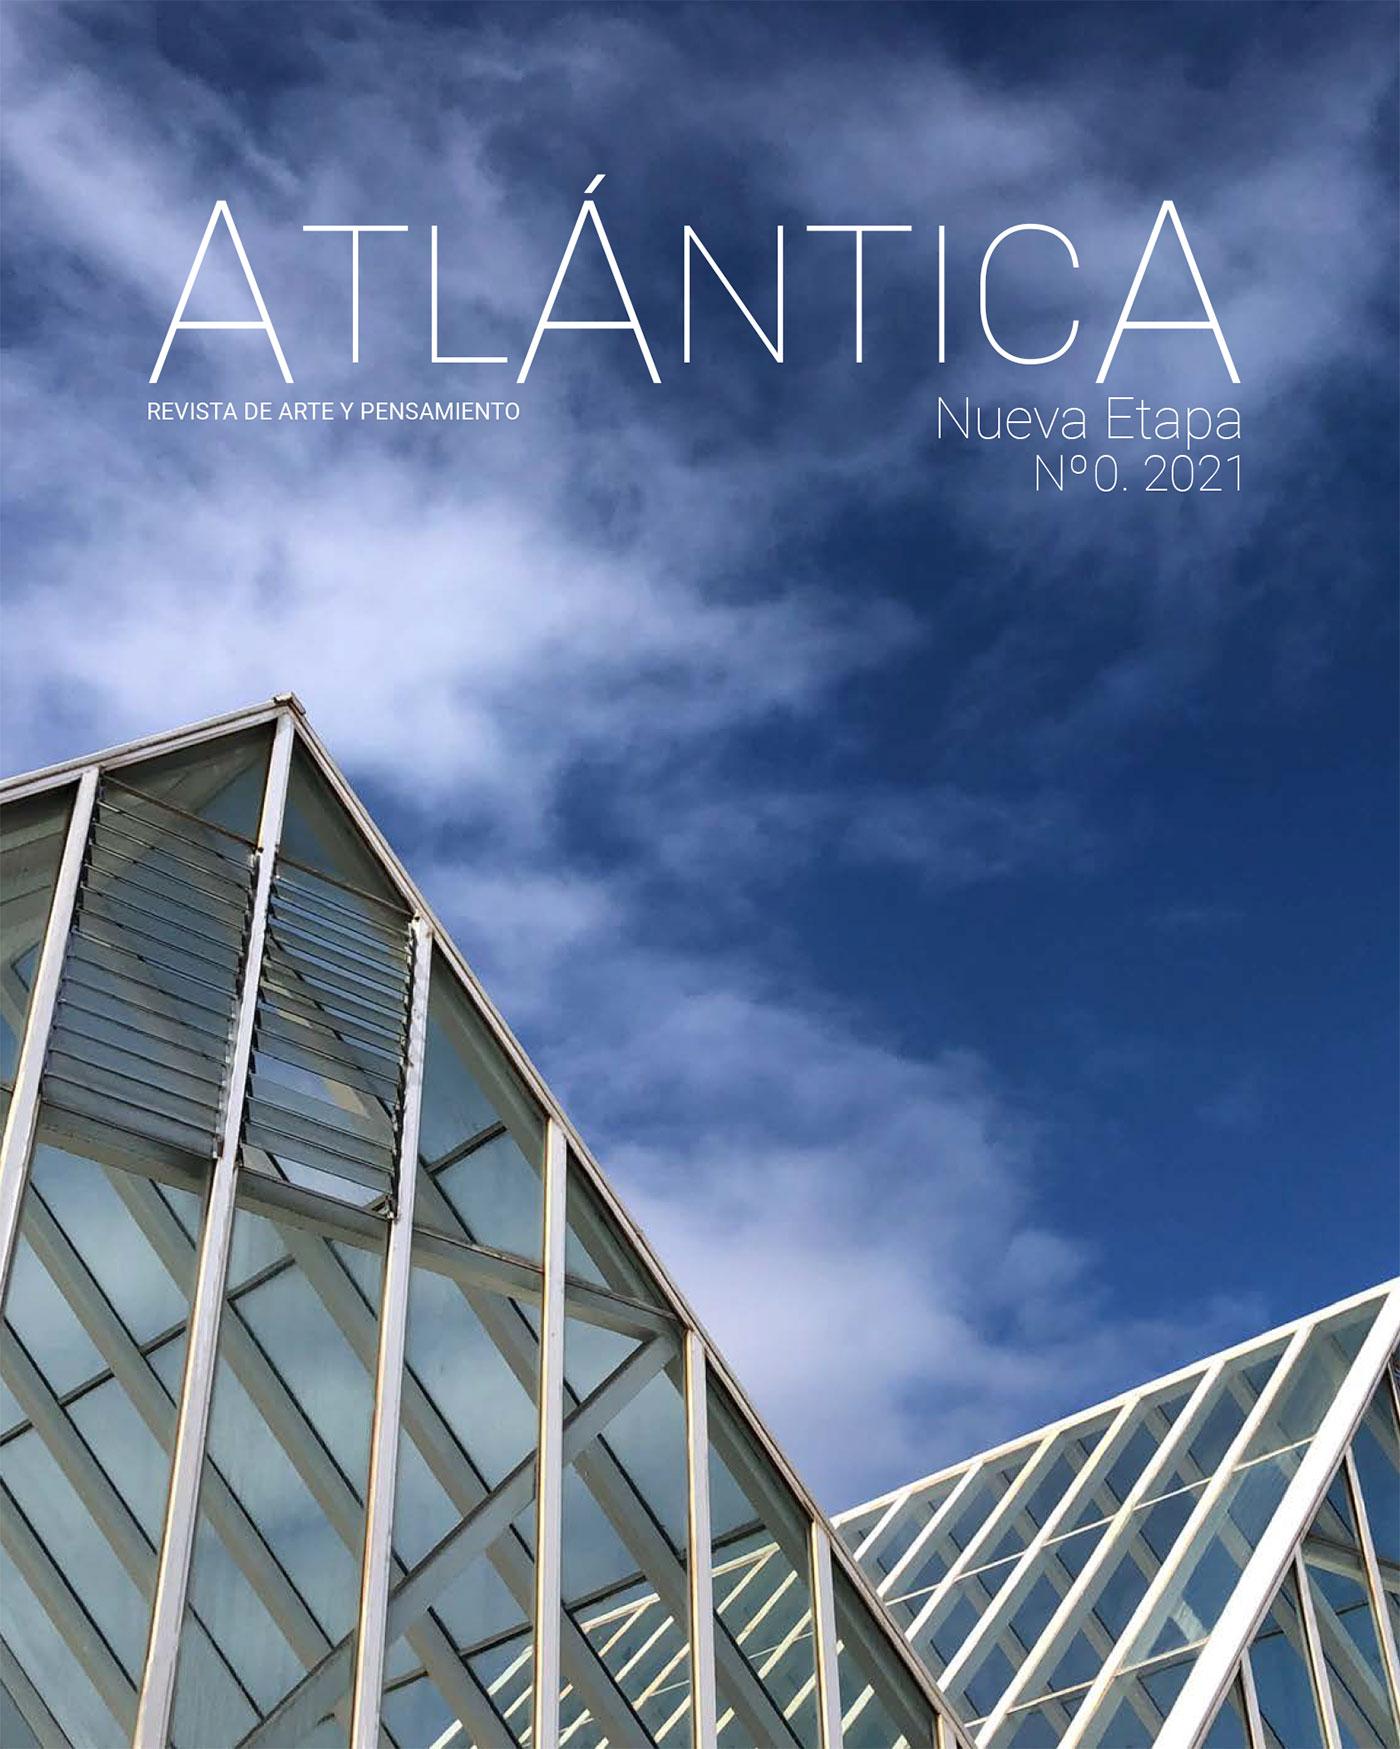 Portada del Nº0 de la Nueva Etapa de Atlántica. Revista de arte y pensamiento